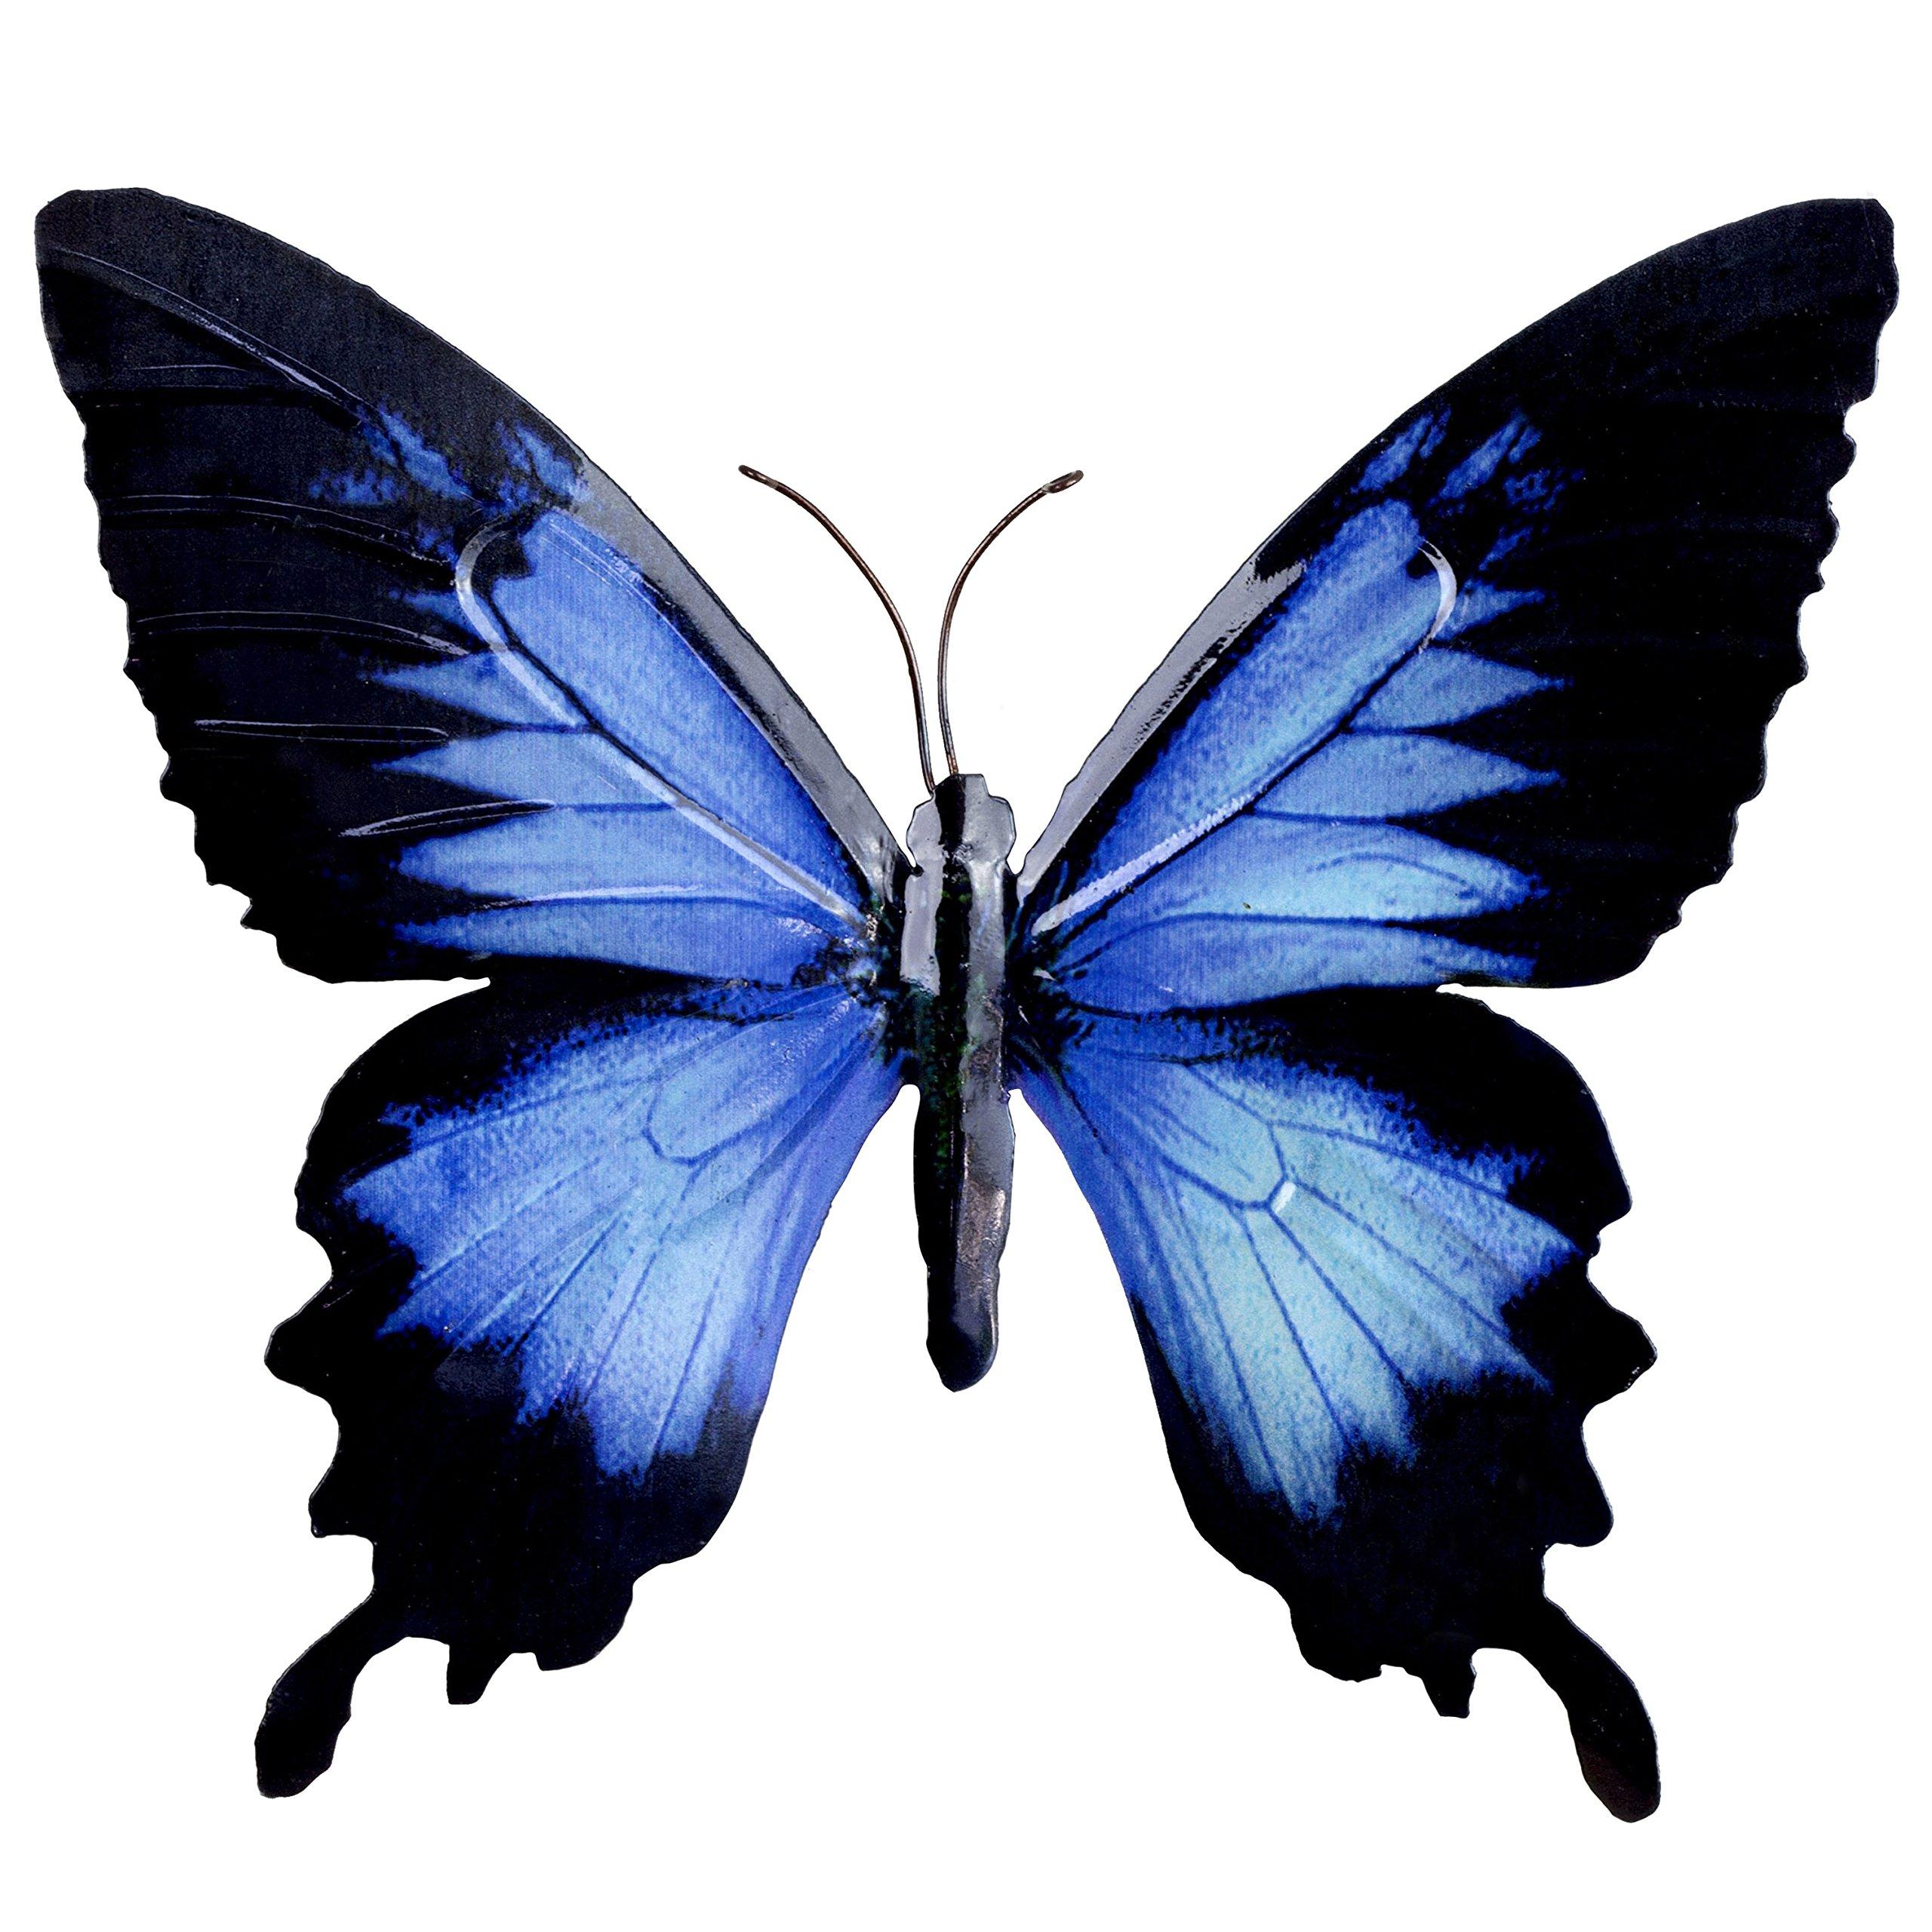 Adornos de pared de mariposas para jardín, diseño de mariposas de metal de colores brillantes, 5 colores disponibles, negro y azul: Amazon.es: Jardín